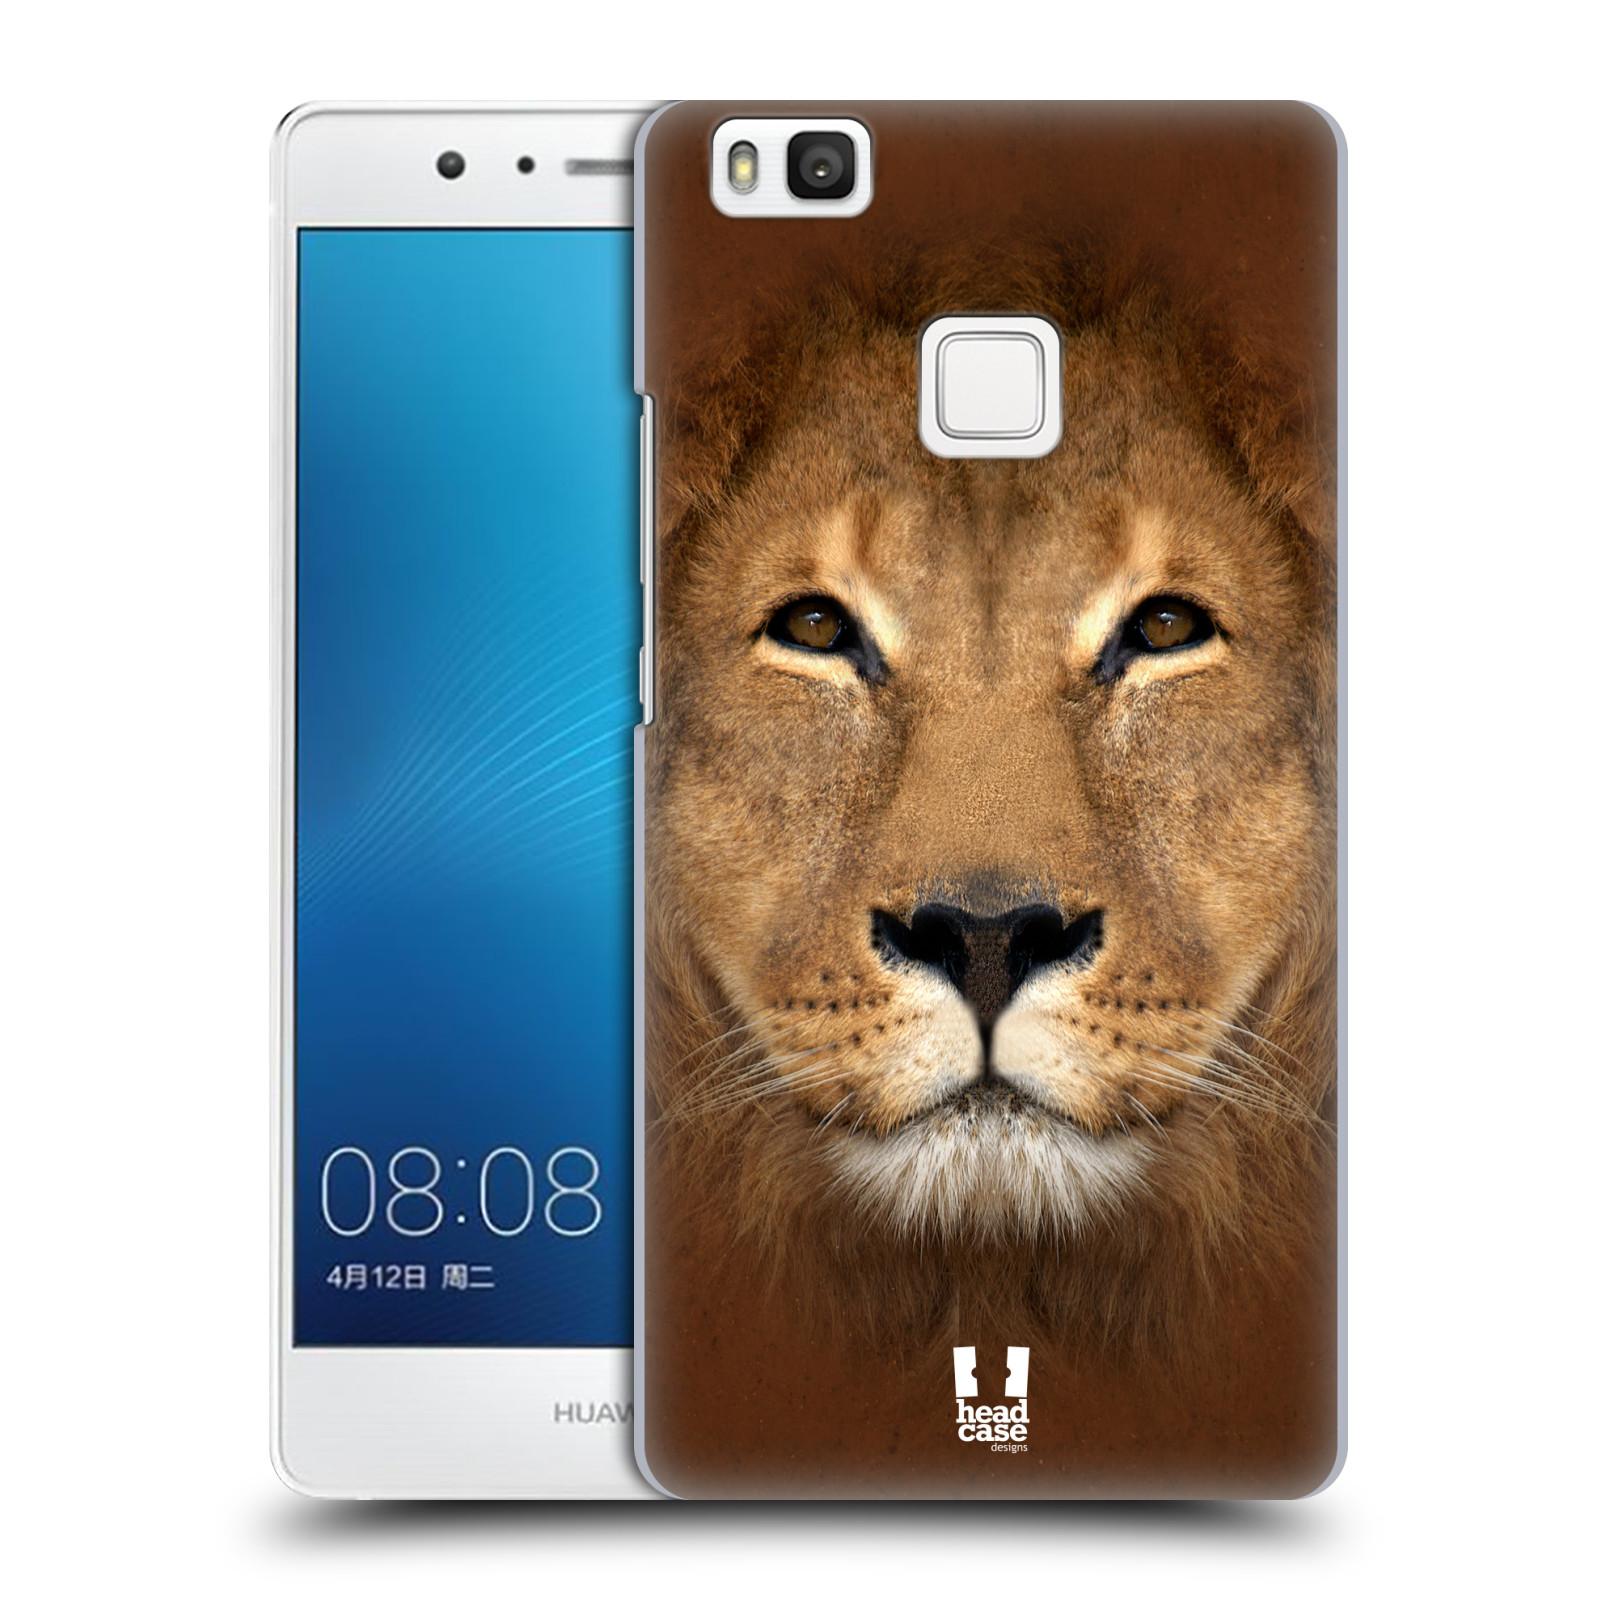 HEAD CASE plastový obal na mobil Huawei P9 LITE / P9 LITE DUAL SIM vzor Zvířecí tváře 2 Lev